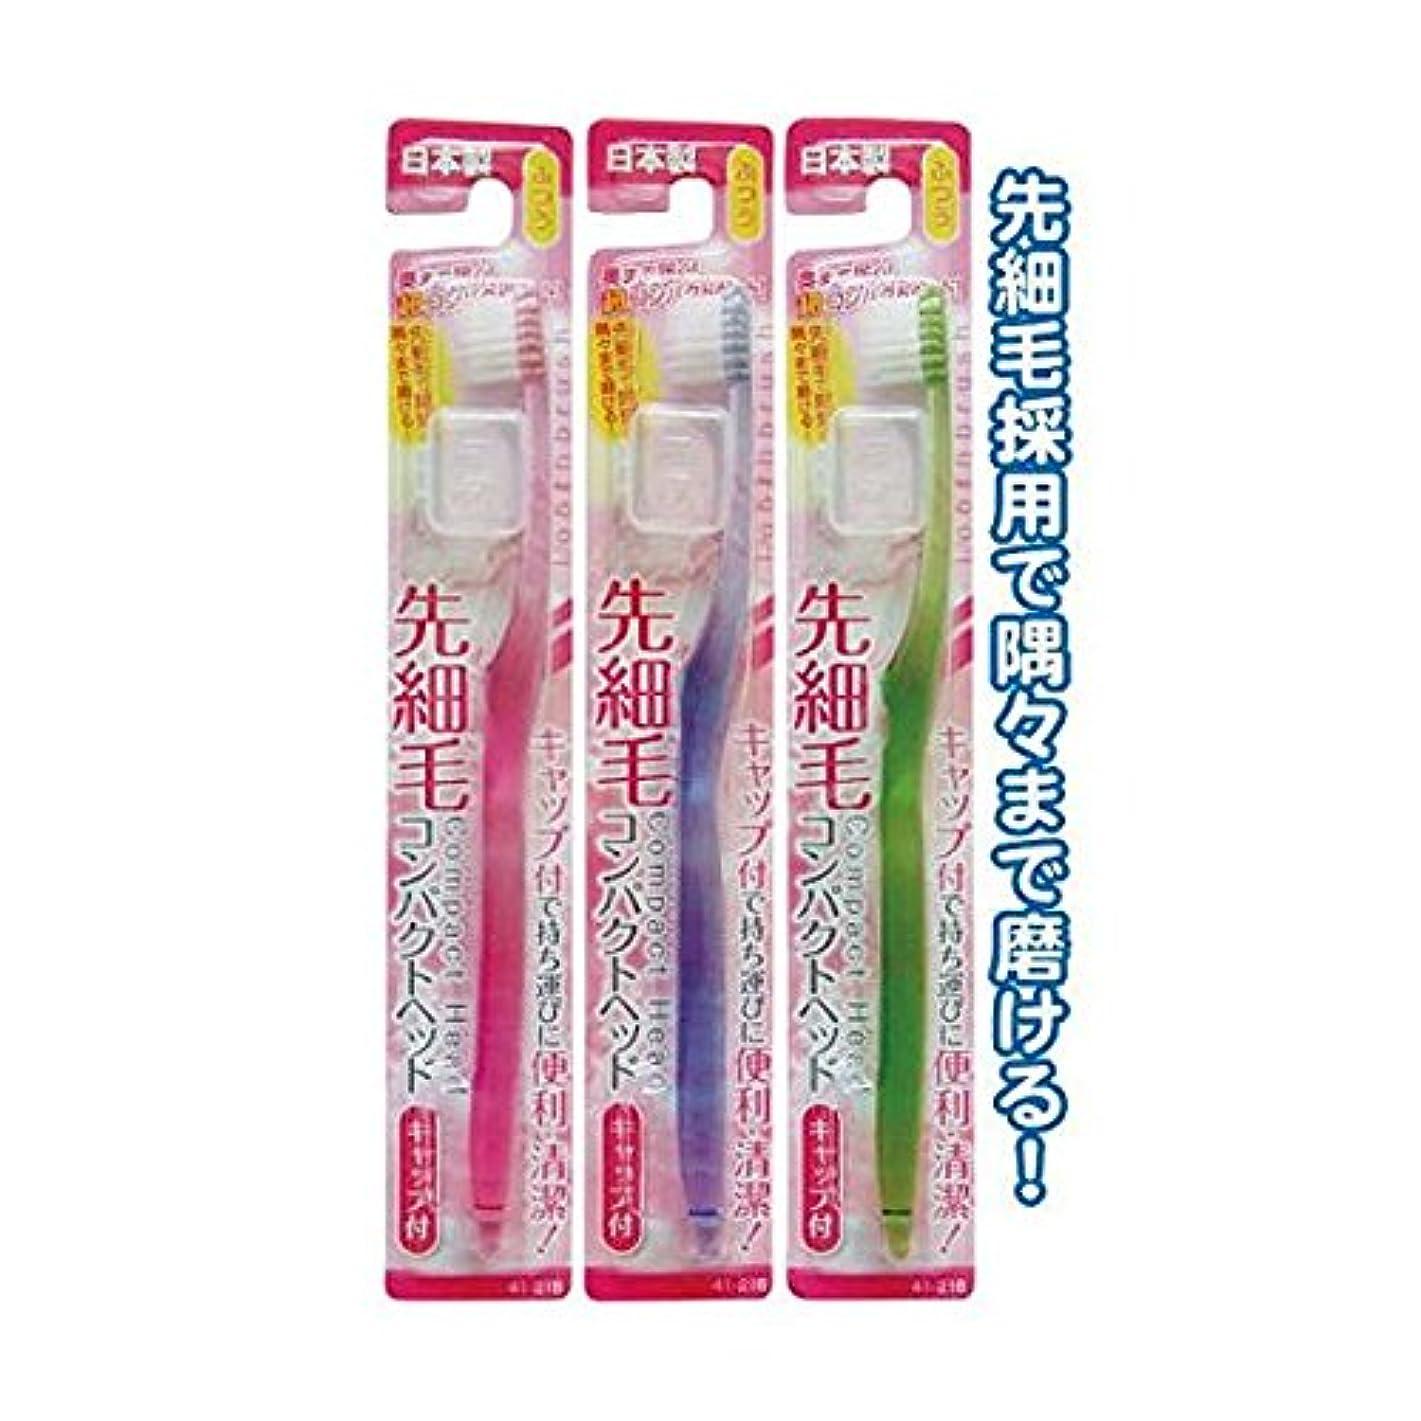 承認カブロンドンコンパクトヘッドキャップ付歯ブラシ先細ふつう日本製 [12個セット] 41-218